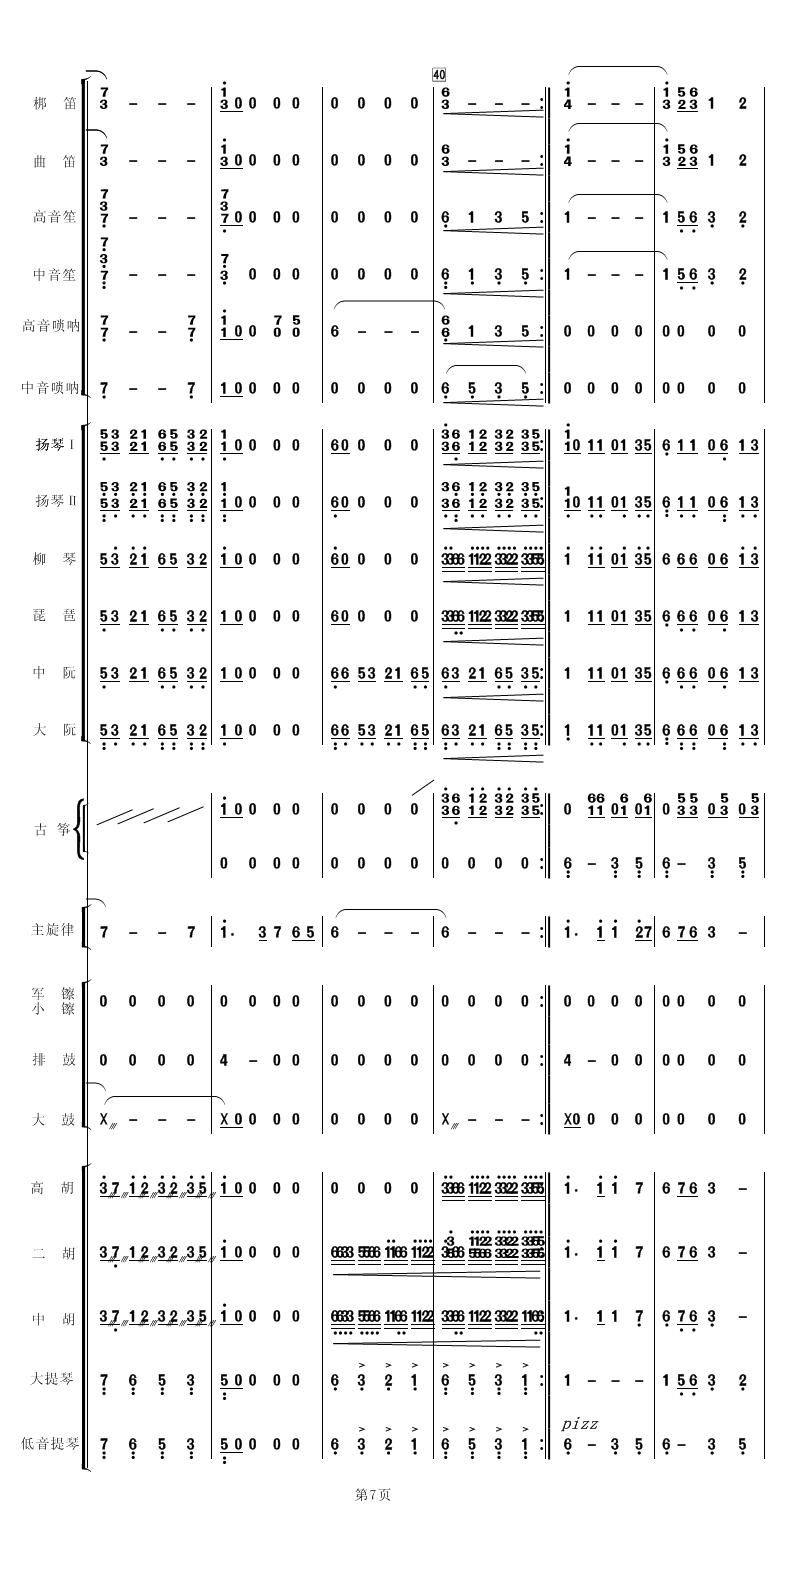 族管弦乐总谱 好日子 制谱展评 制谱论坛 谱谱风 简谱 软件 Powered